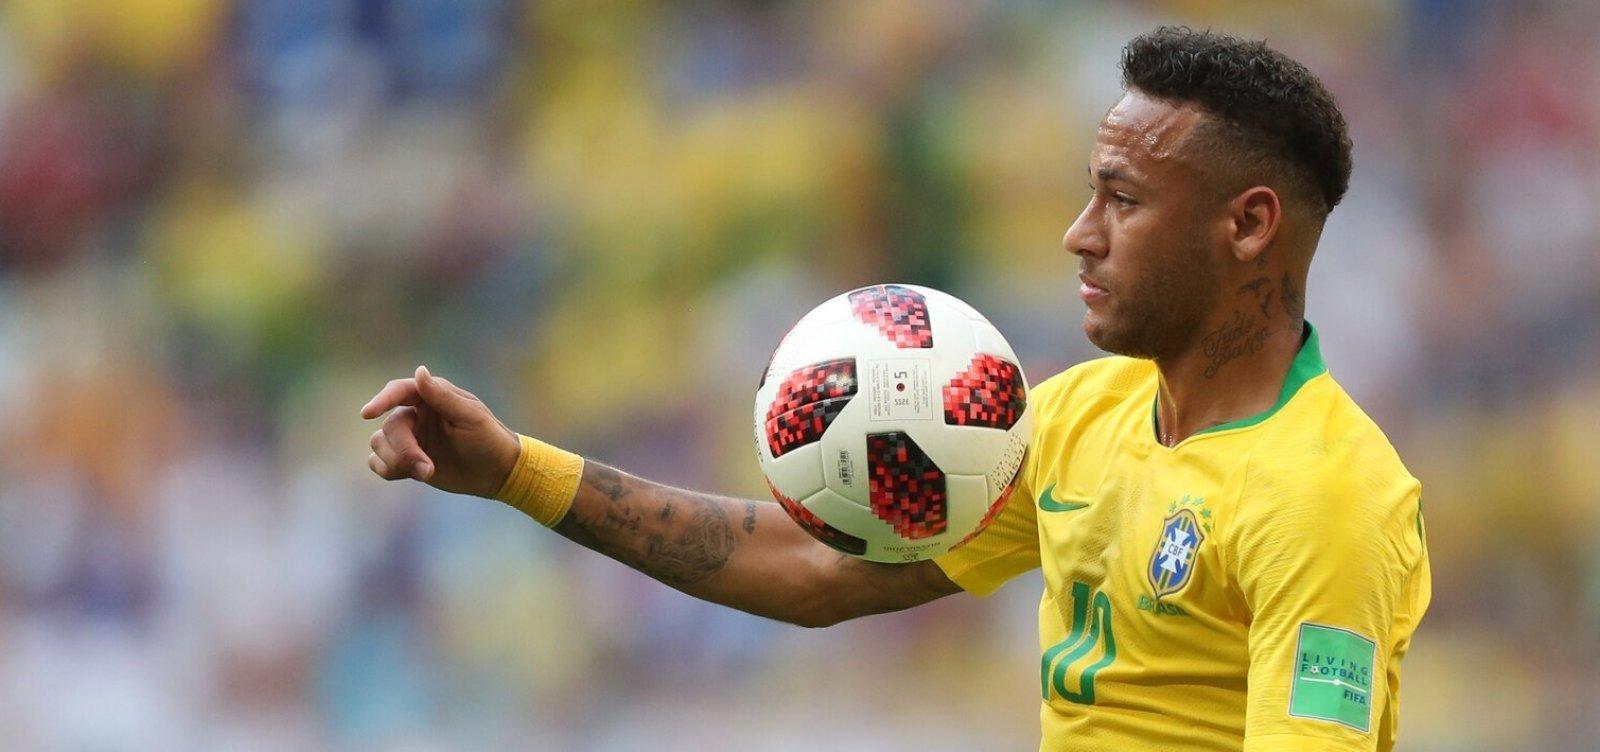 [Neymar vai alegar que não quis expor jovem ao divulgar fotos, diz coluna]